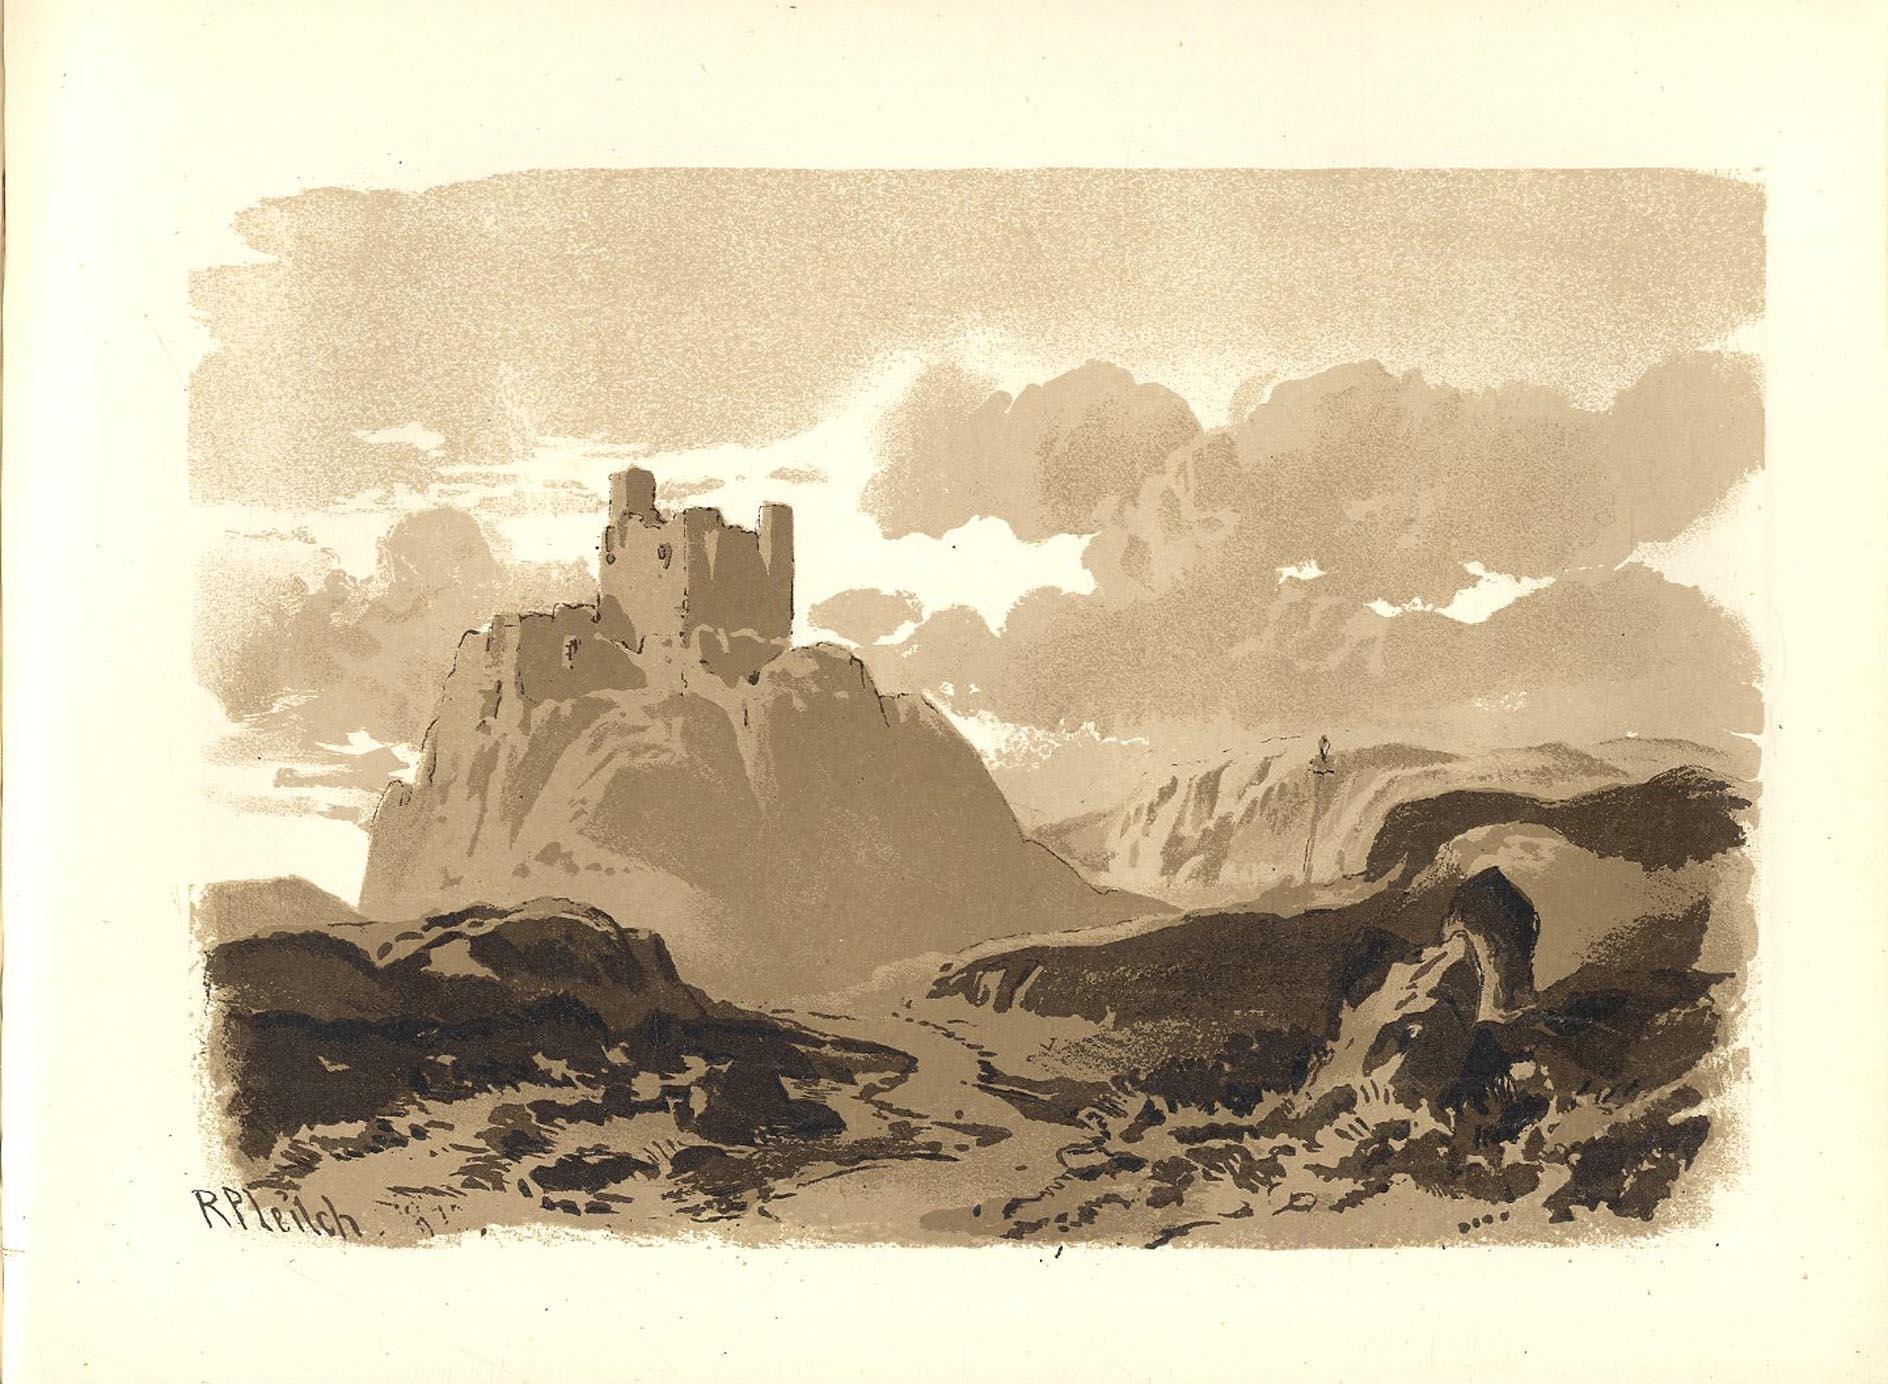 SH616.jpg (1888×1384)